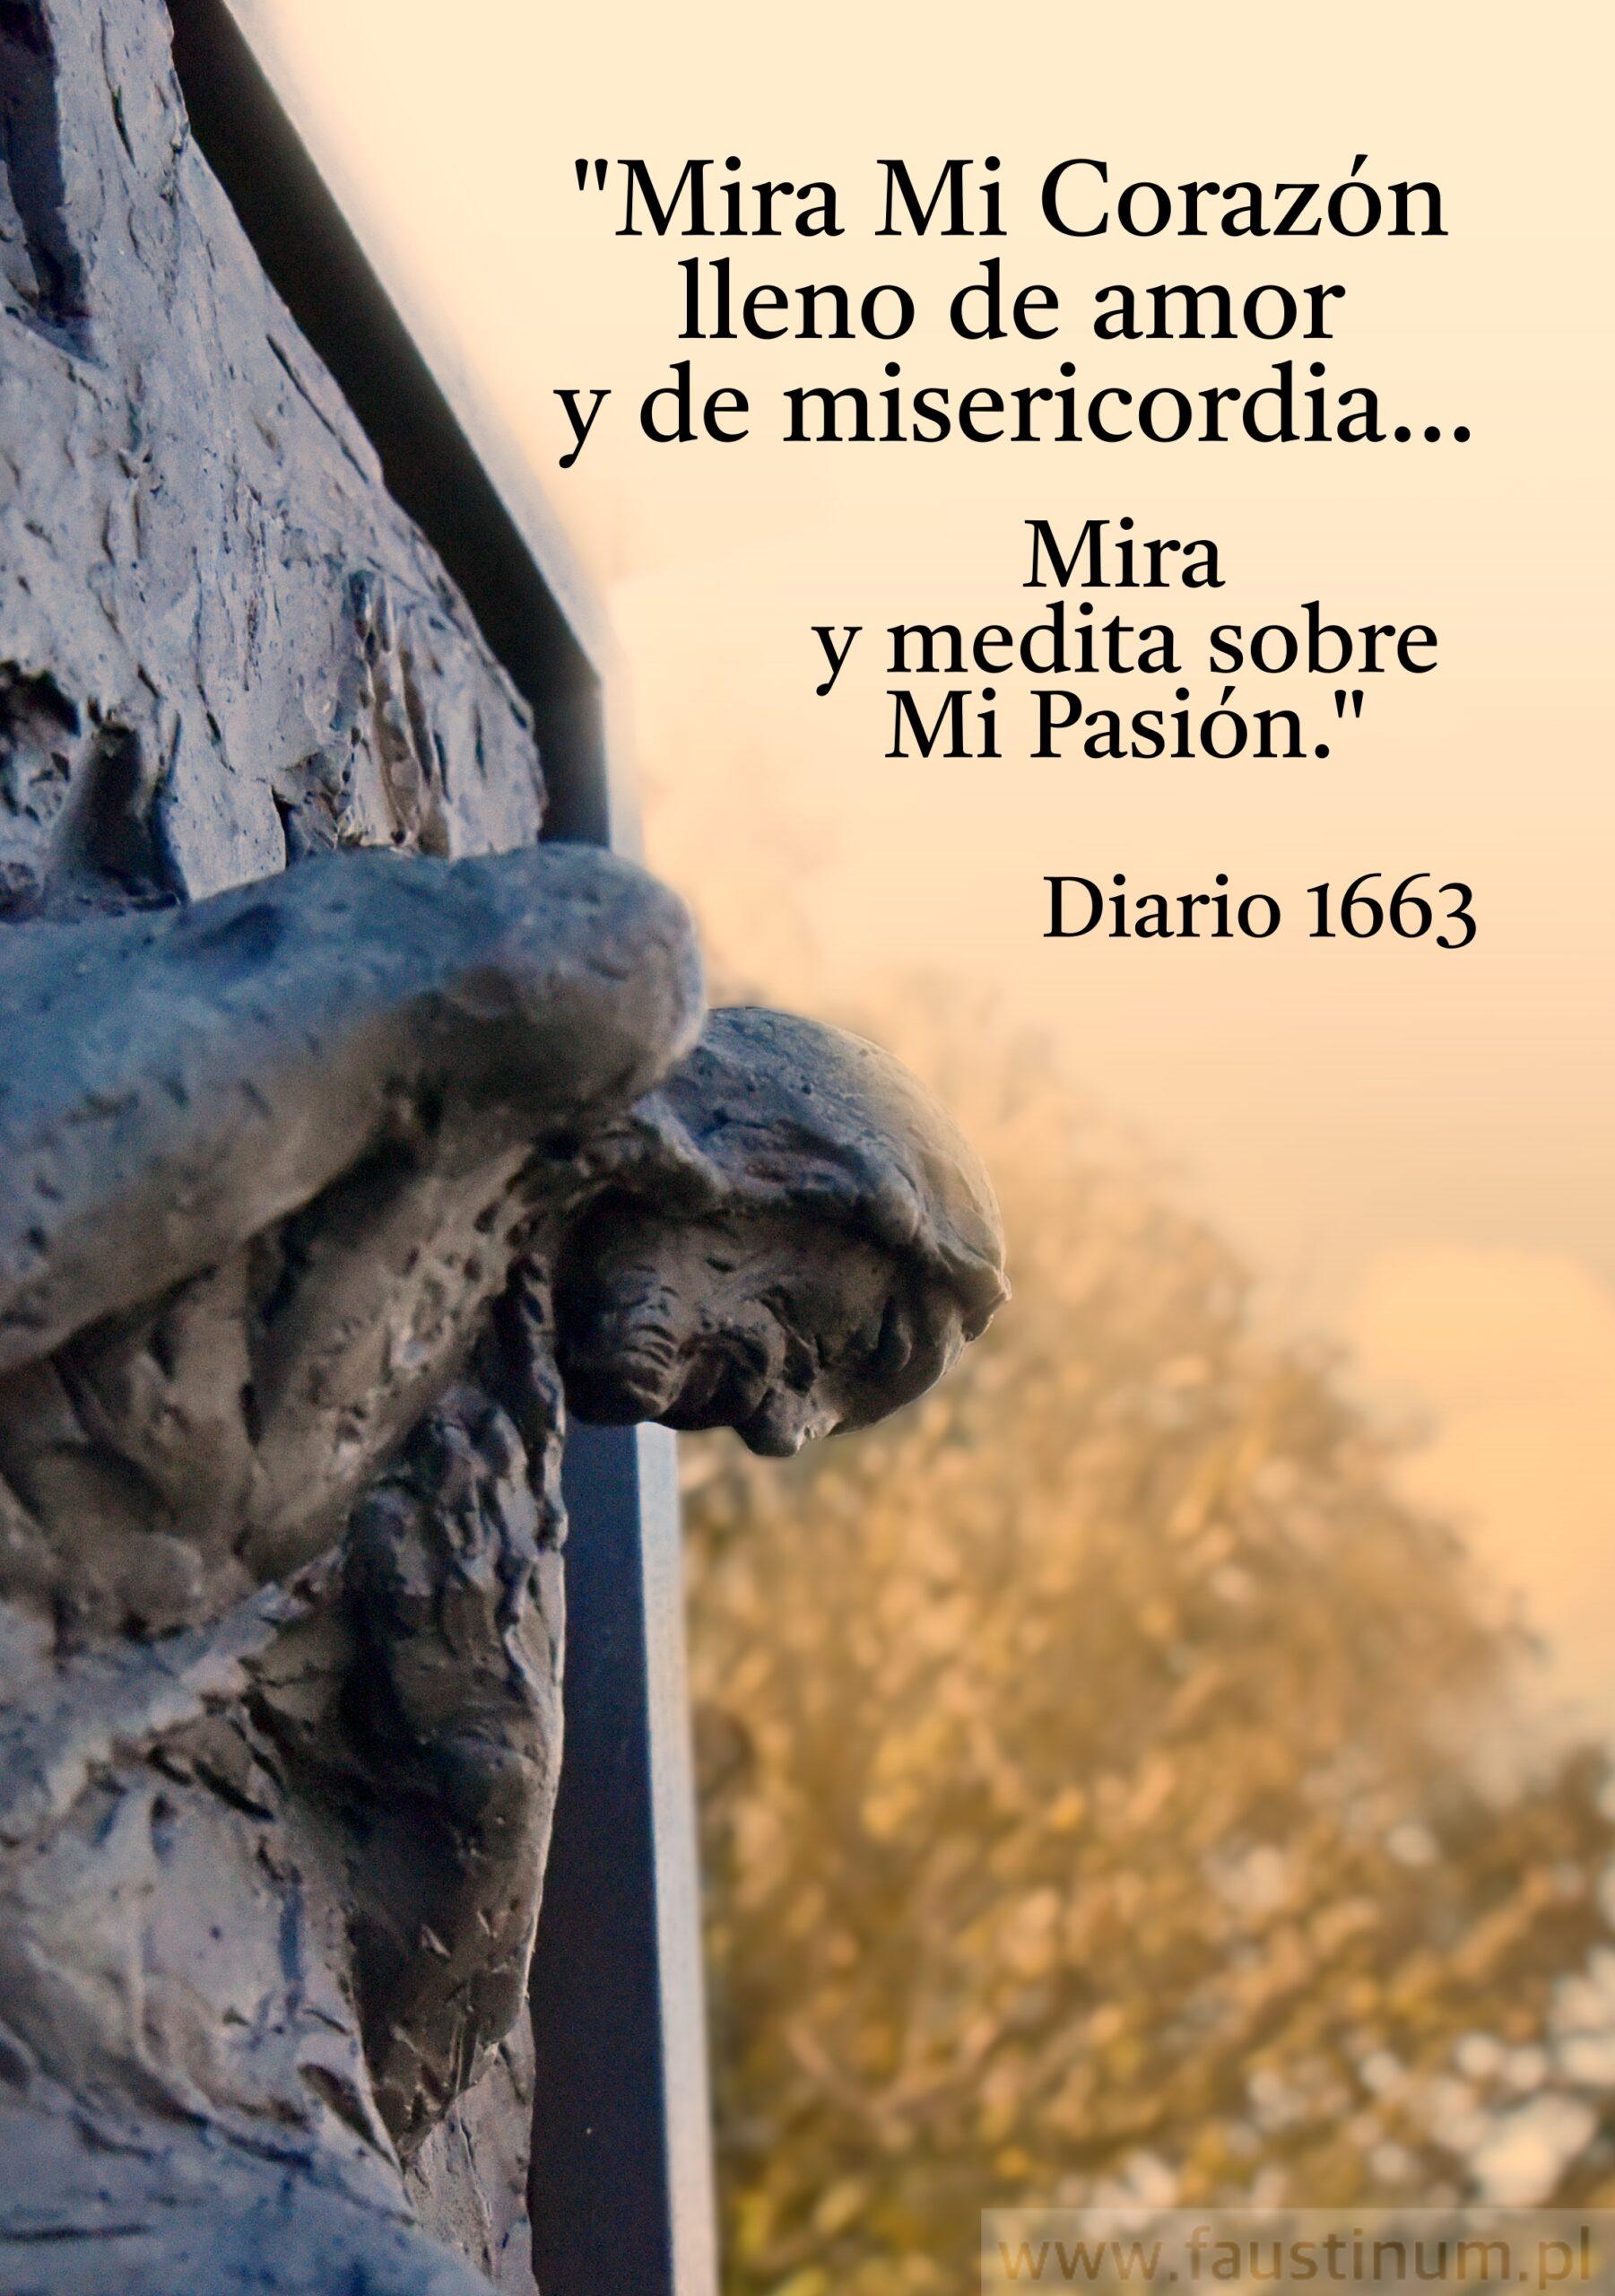 Diario 1663